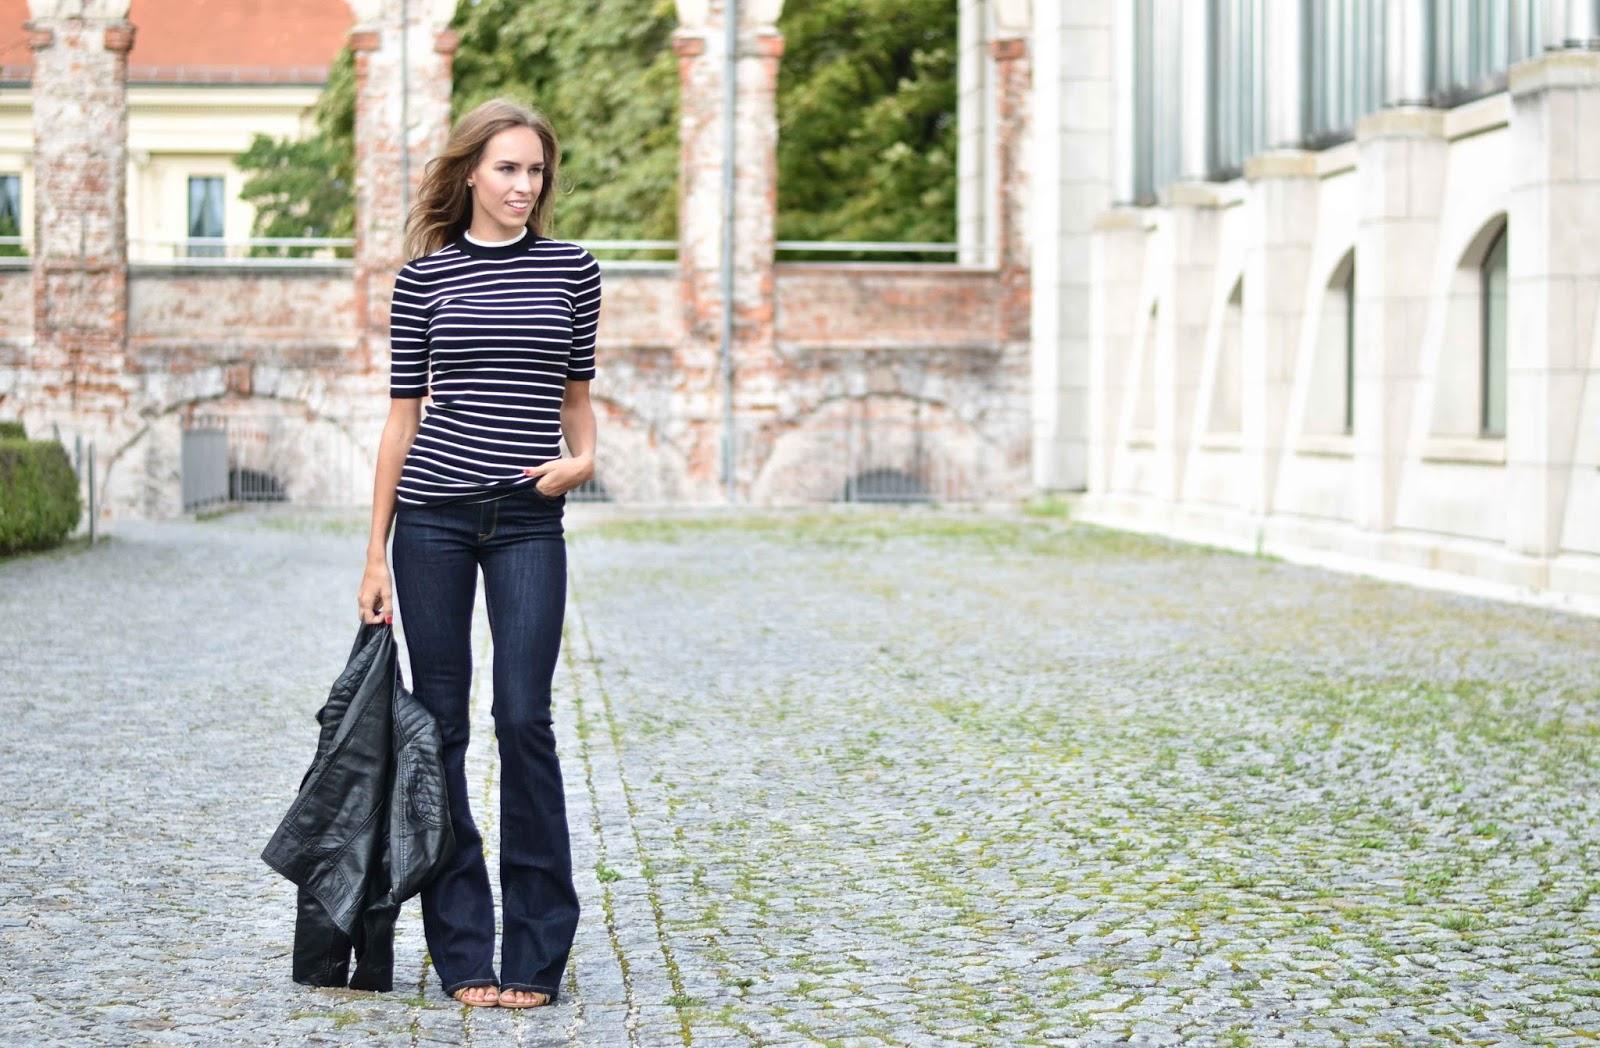 kristjaana mere 70s trend fall fashion